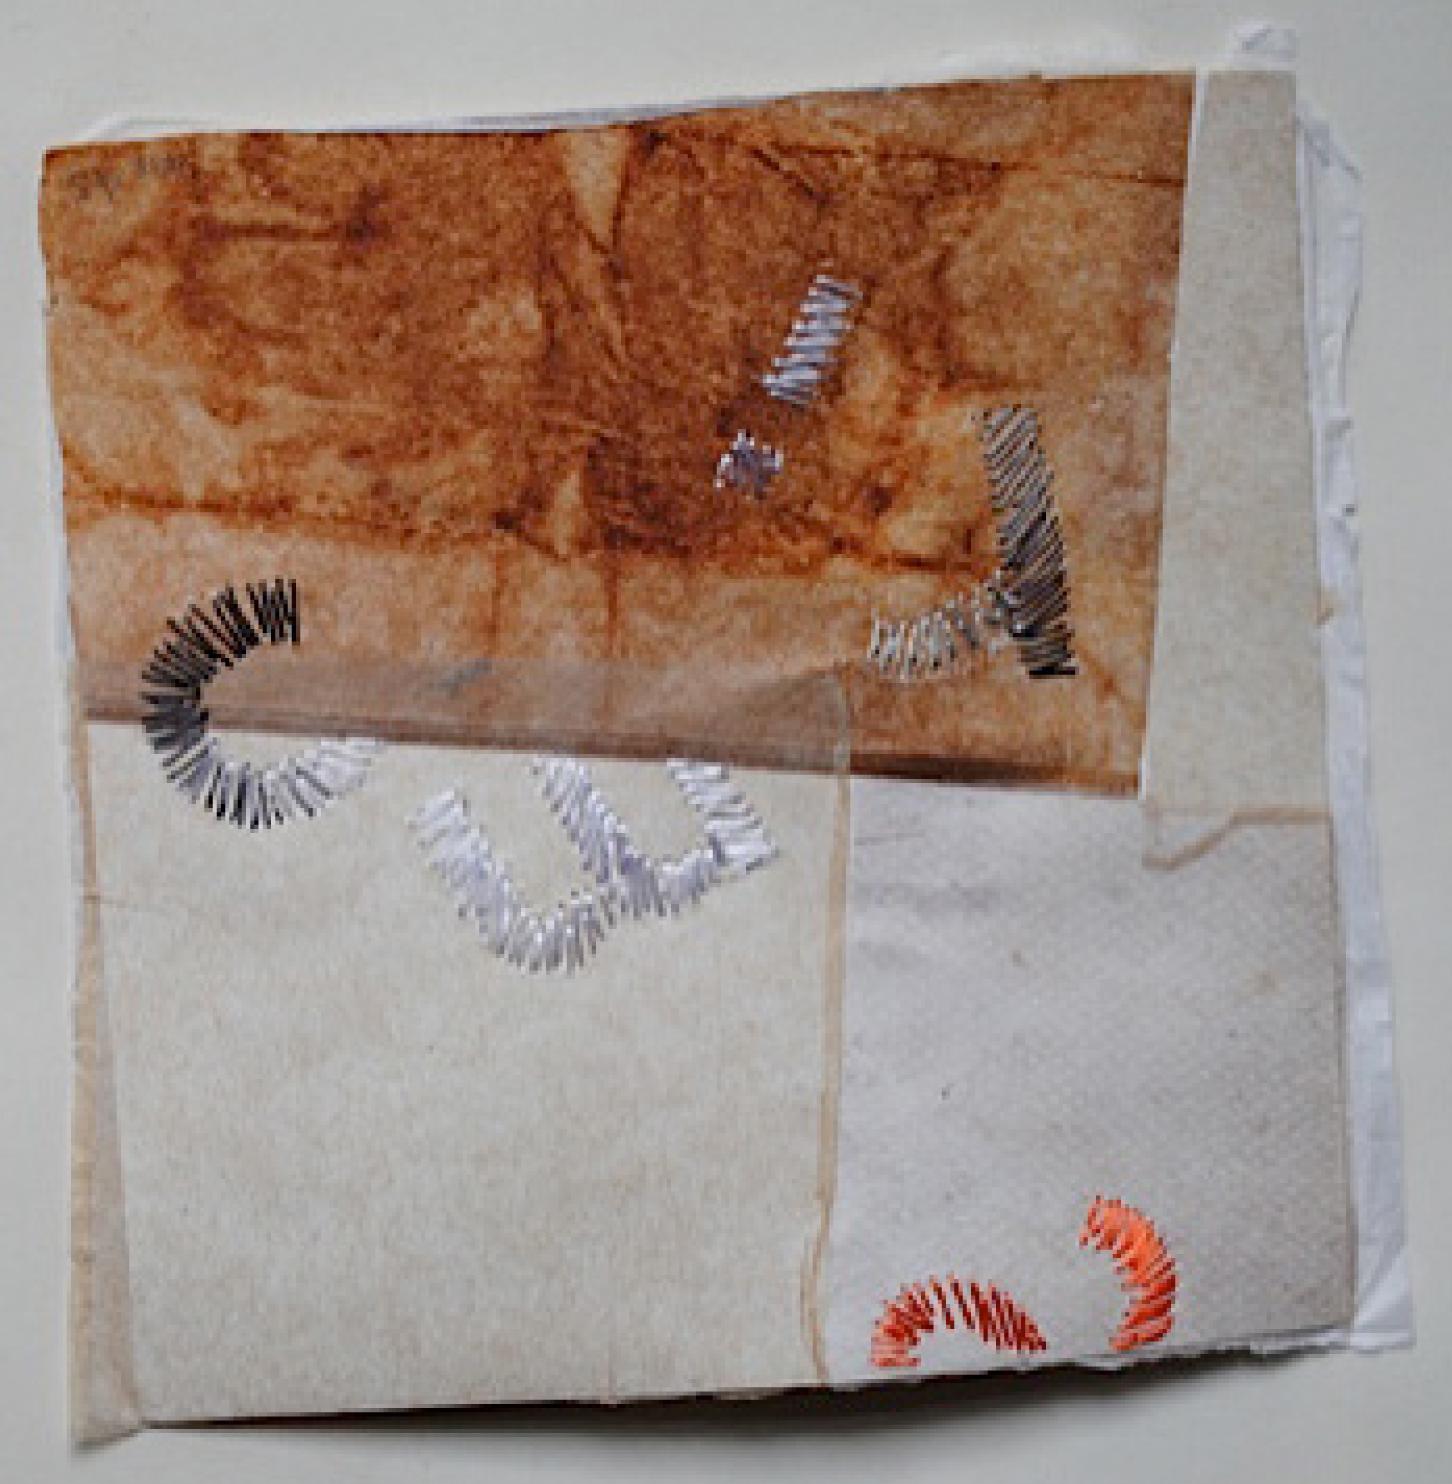 34 | Annerose Schulze | Flüsterblätter II /Blatt 2 | 2018 | Collage/Japanpapiere/Seidenstick | 15 x 15 cm | Kunstlotterie